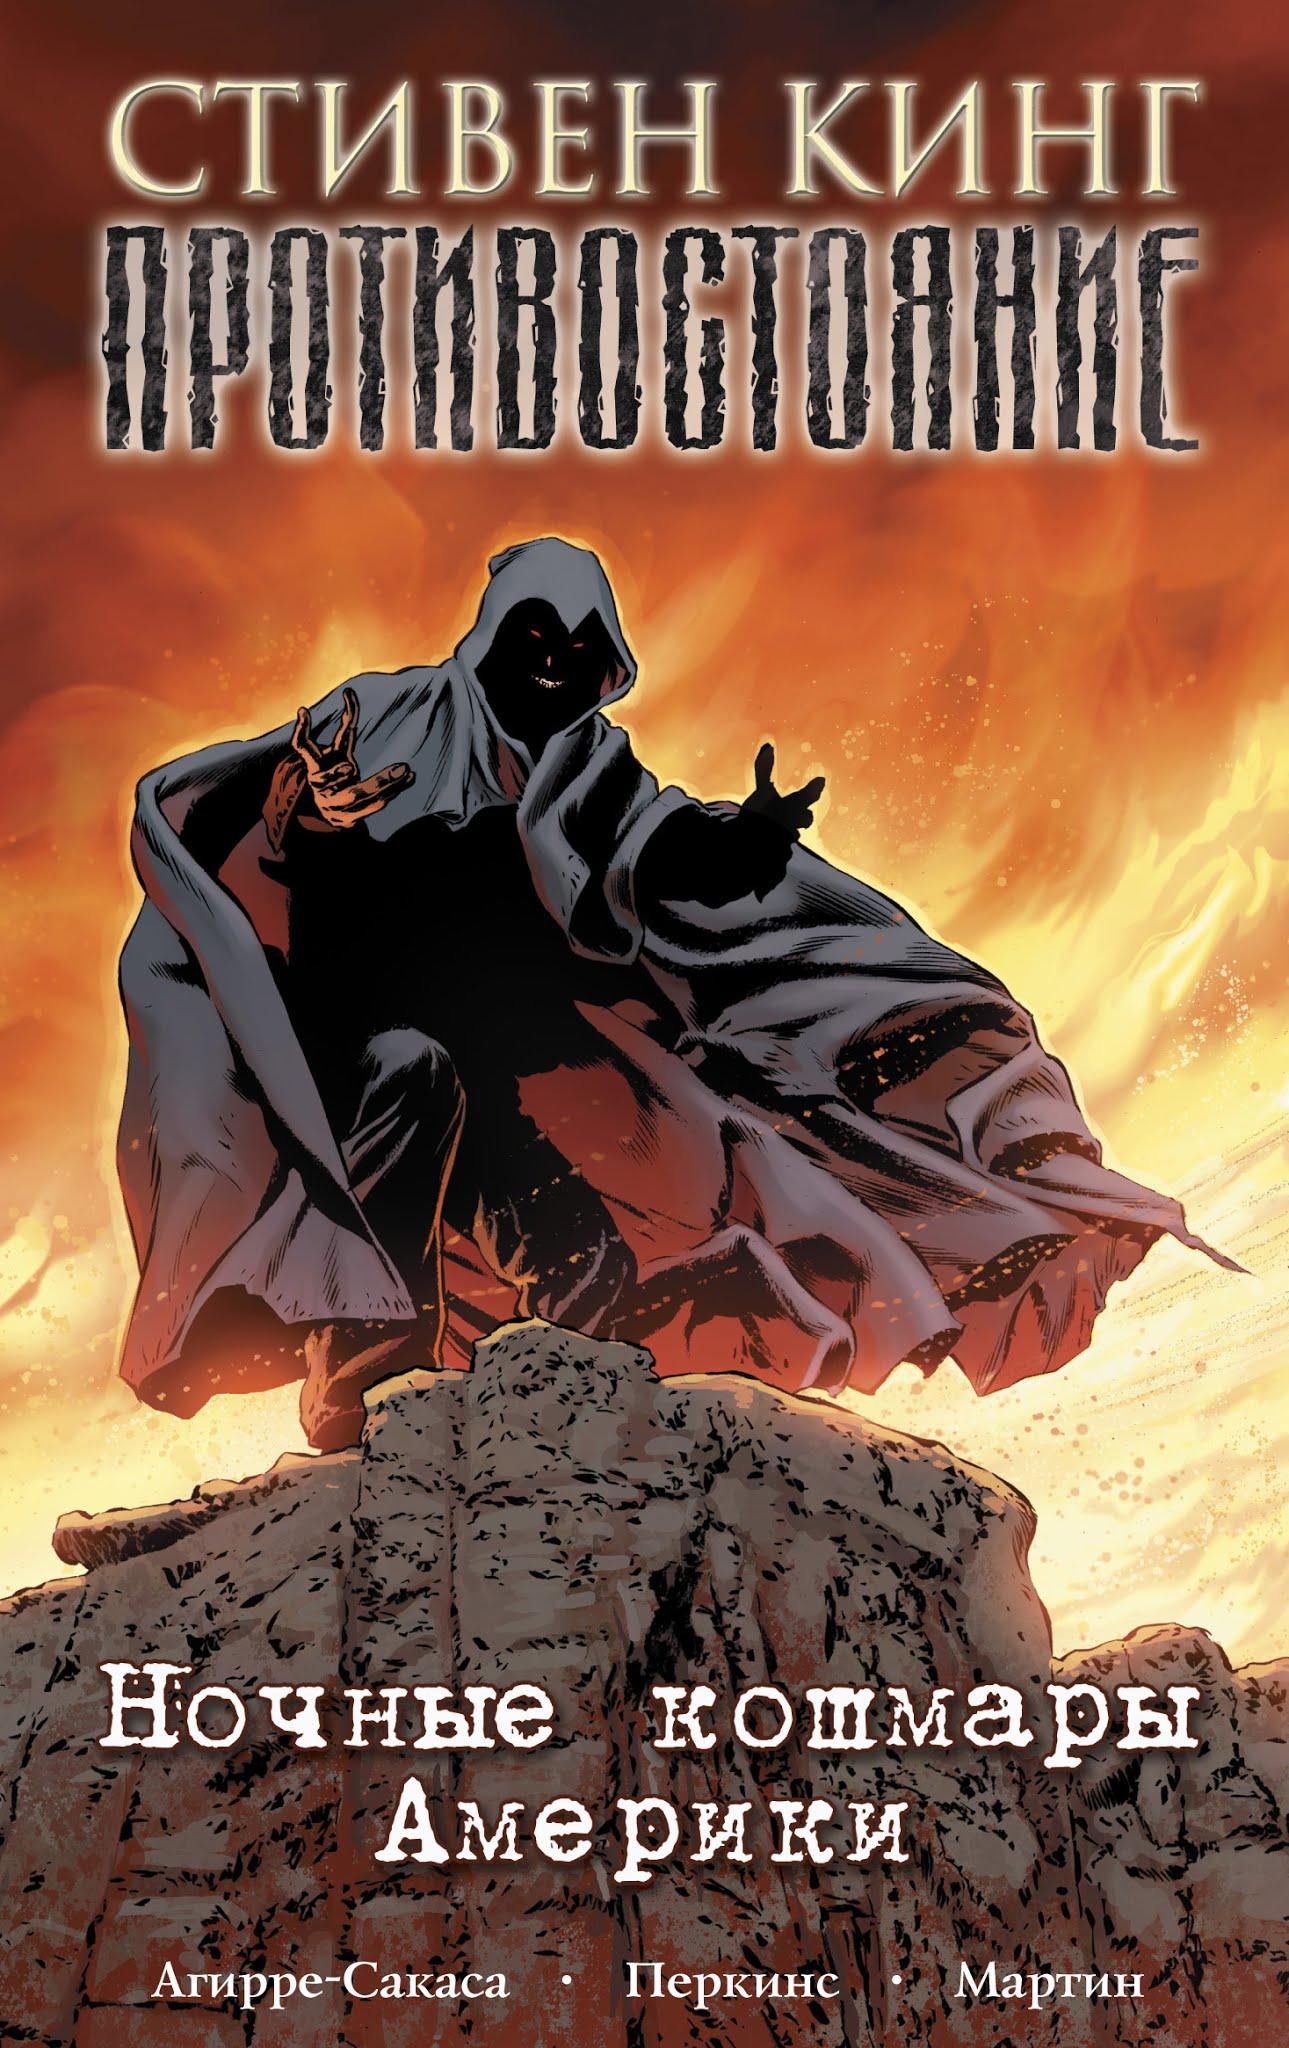 Комикс «Стивен Кинг. Противостояние. Ночные кошмары Америки» (2009)